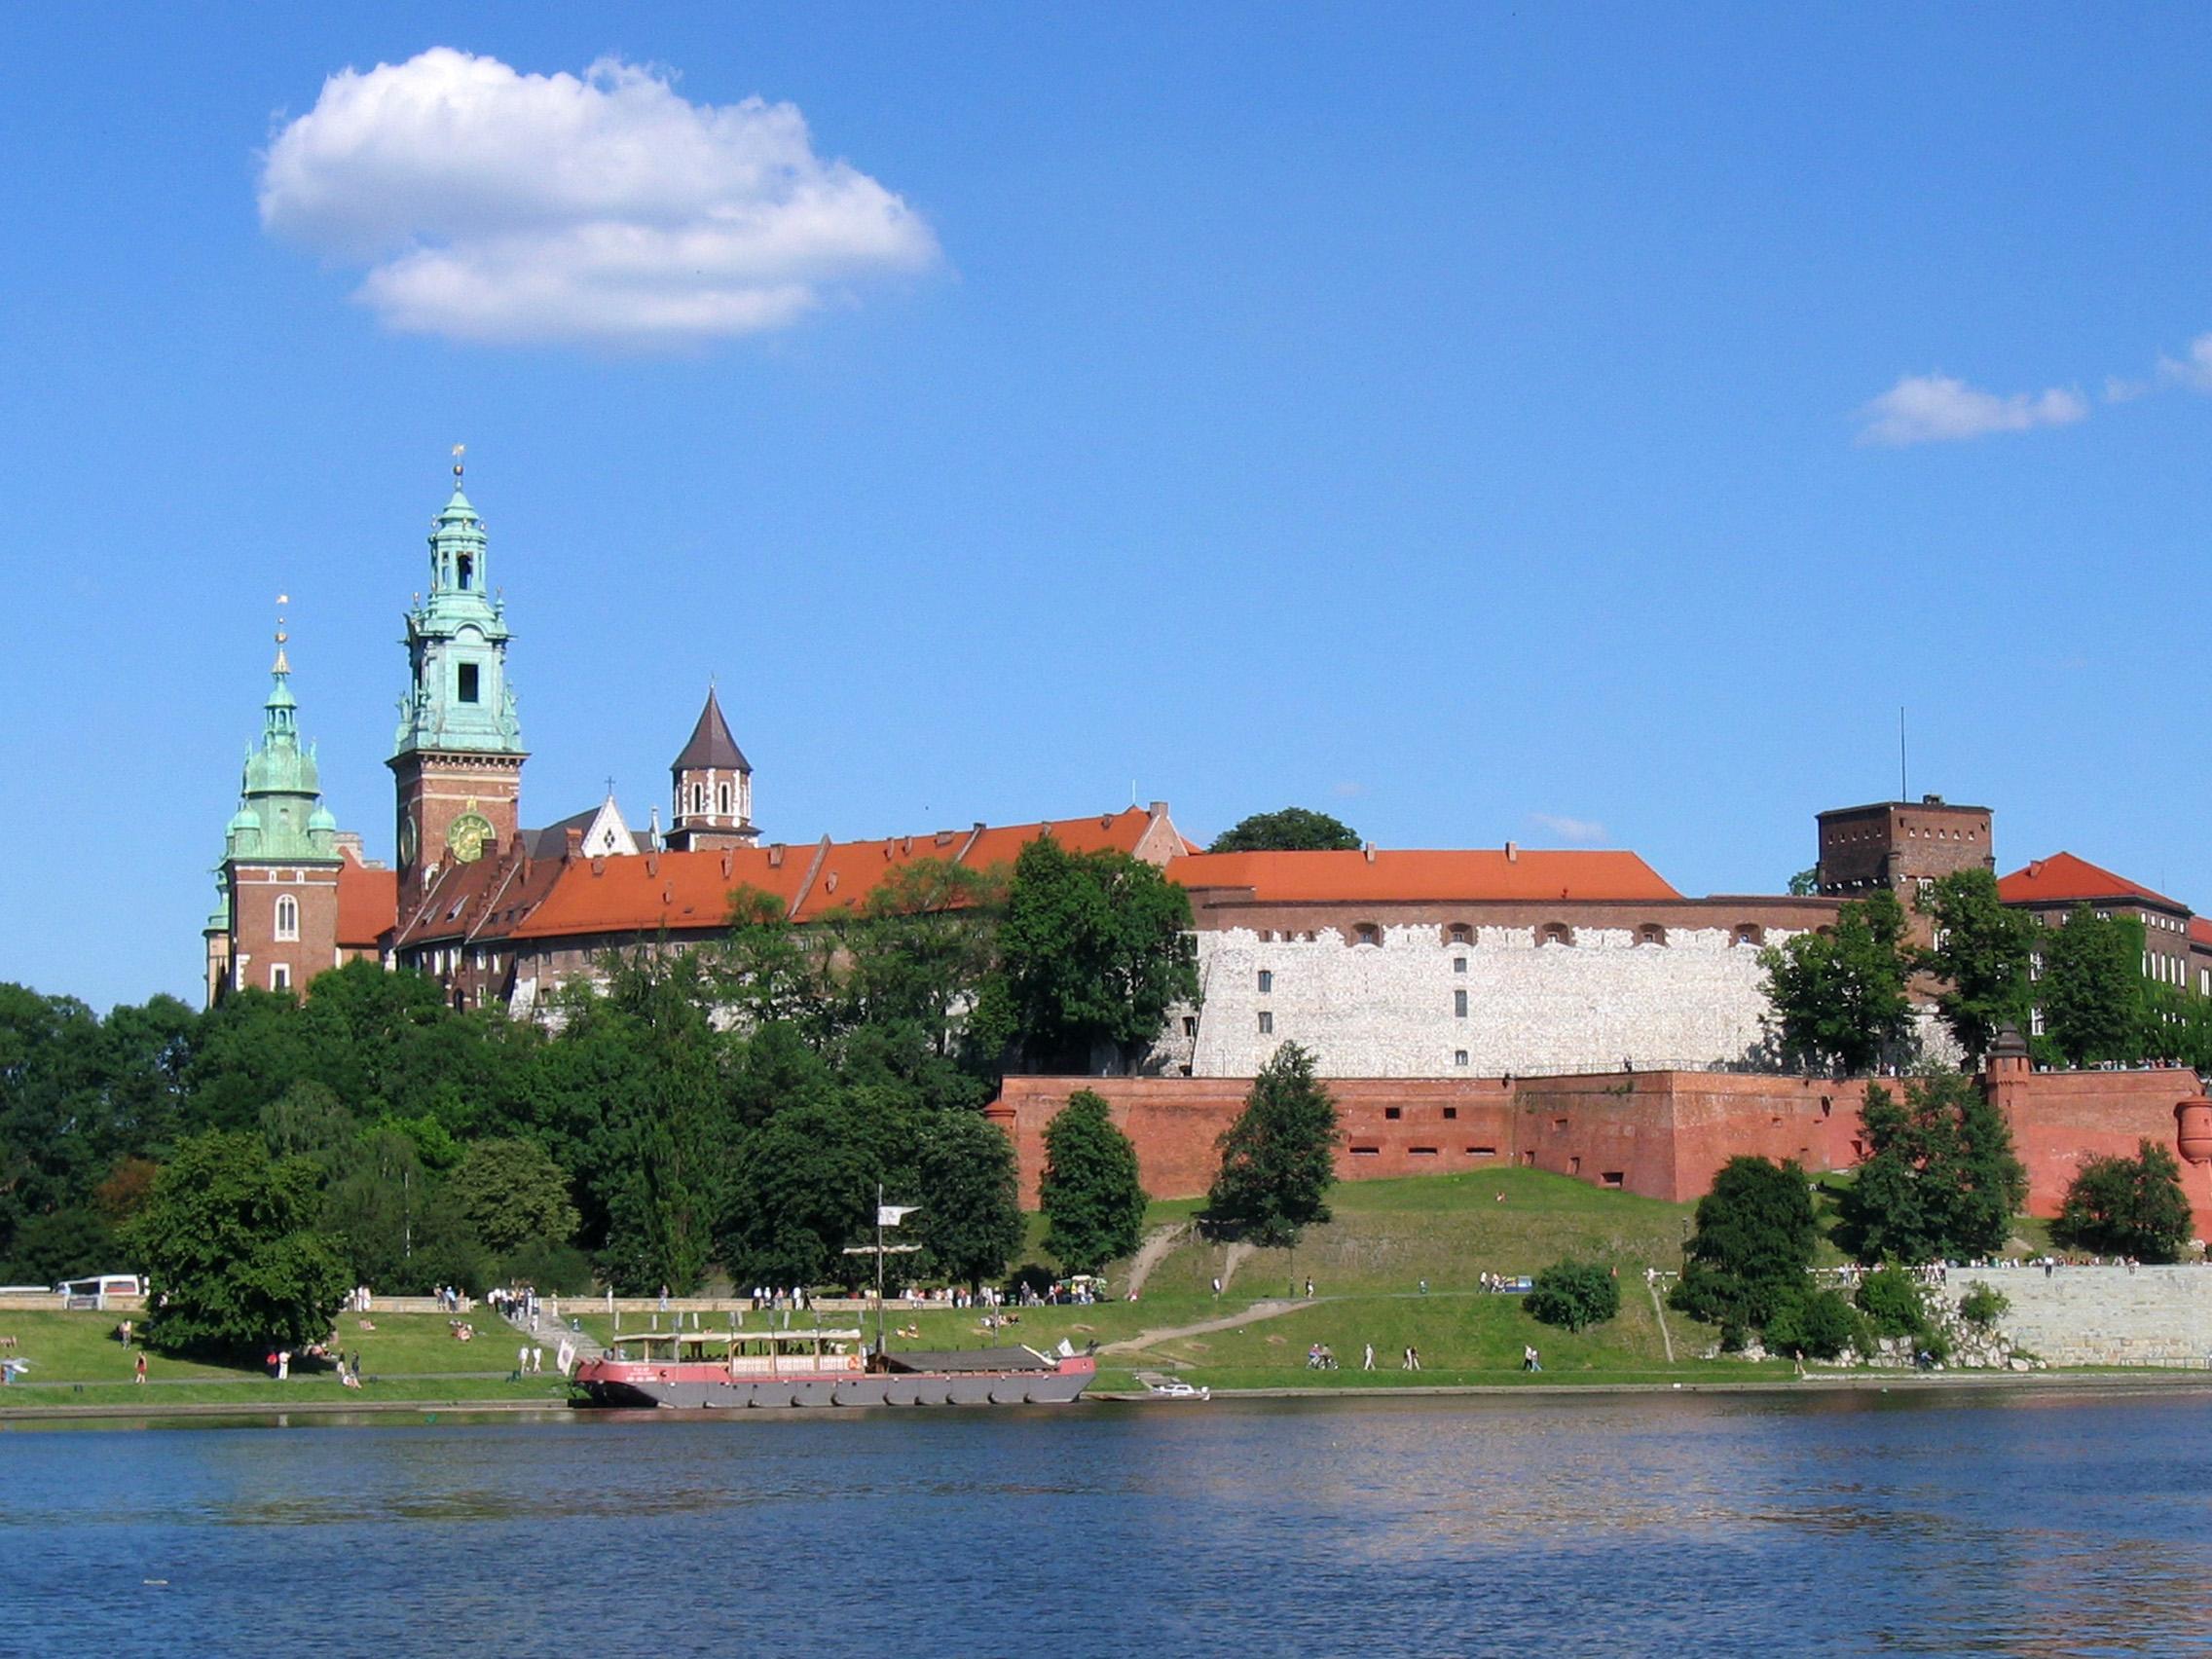 File:Krakau Wawel Wisla.jpg